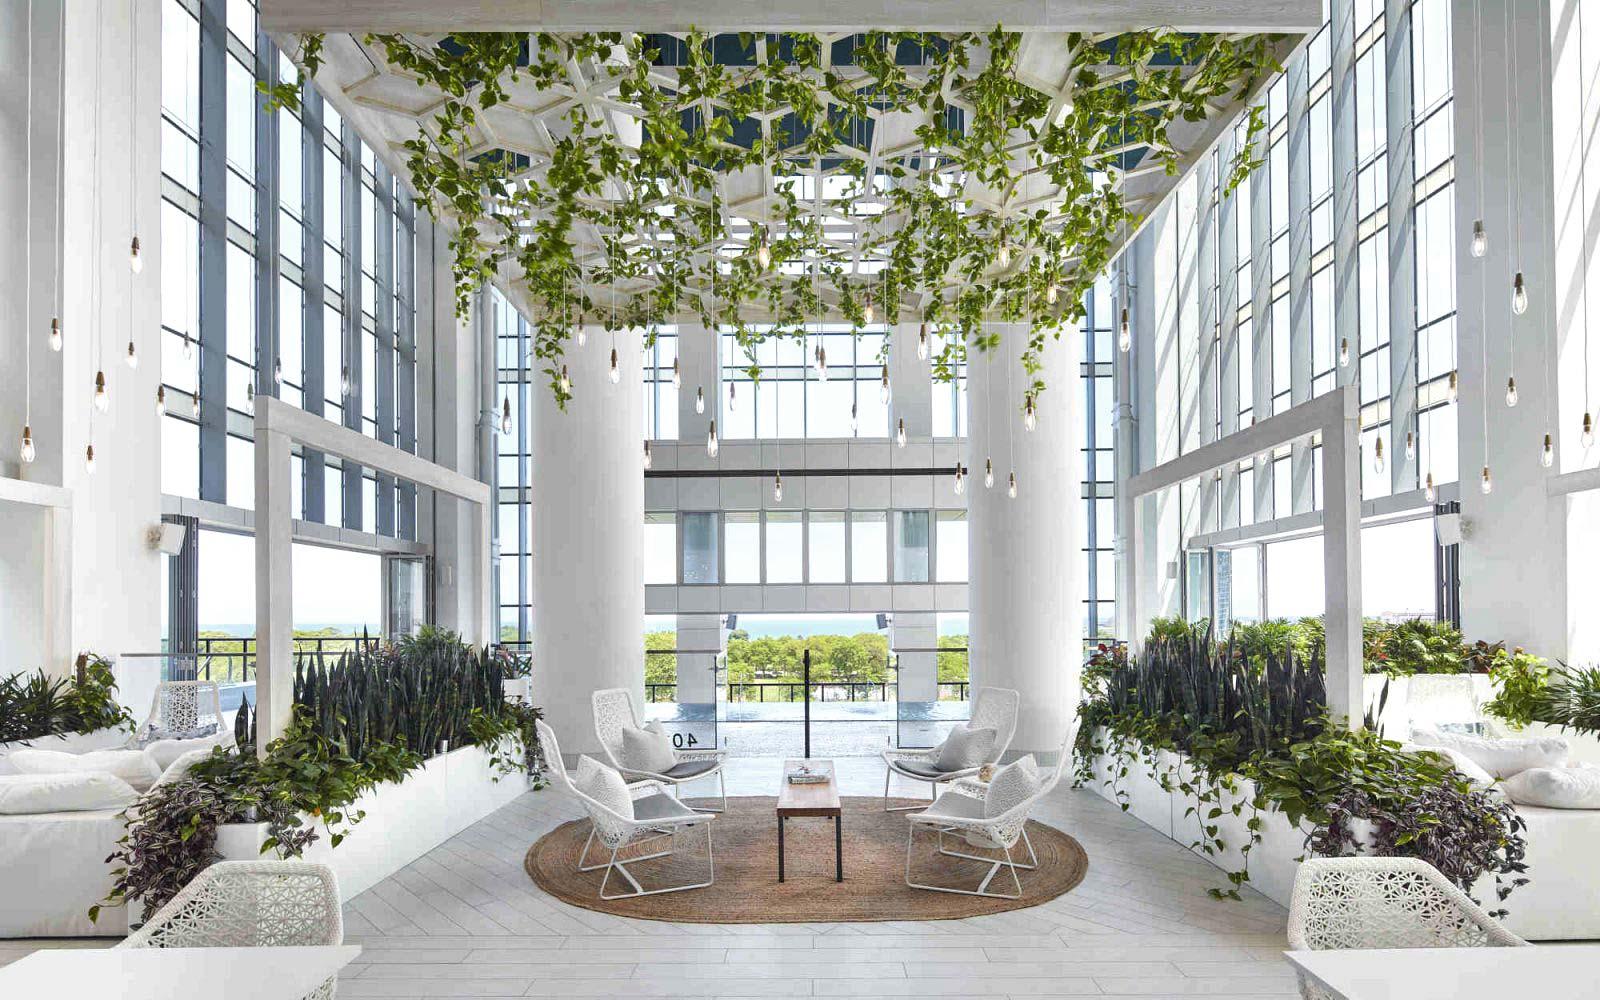 Essex interior garden lounge space